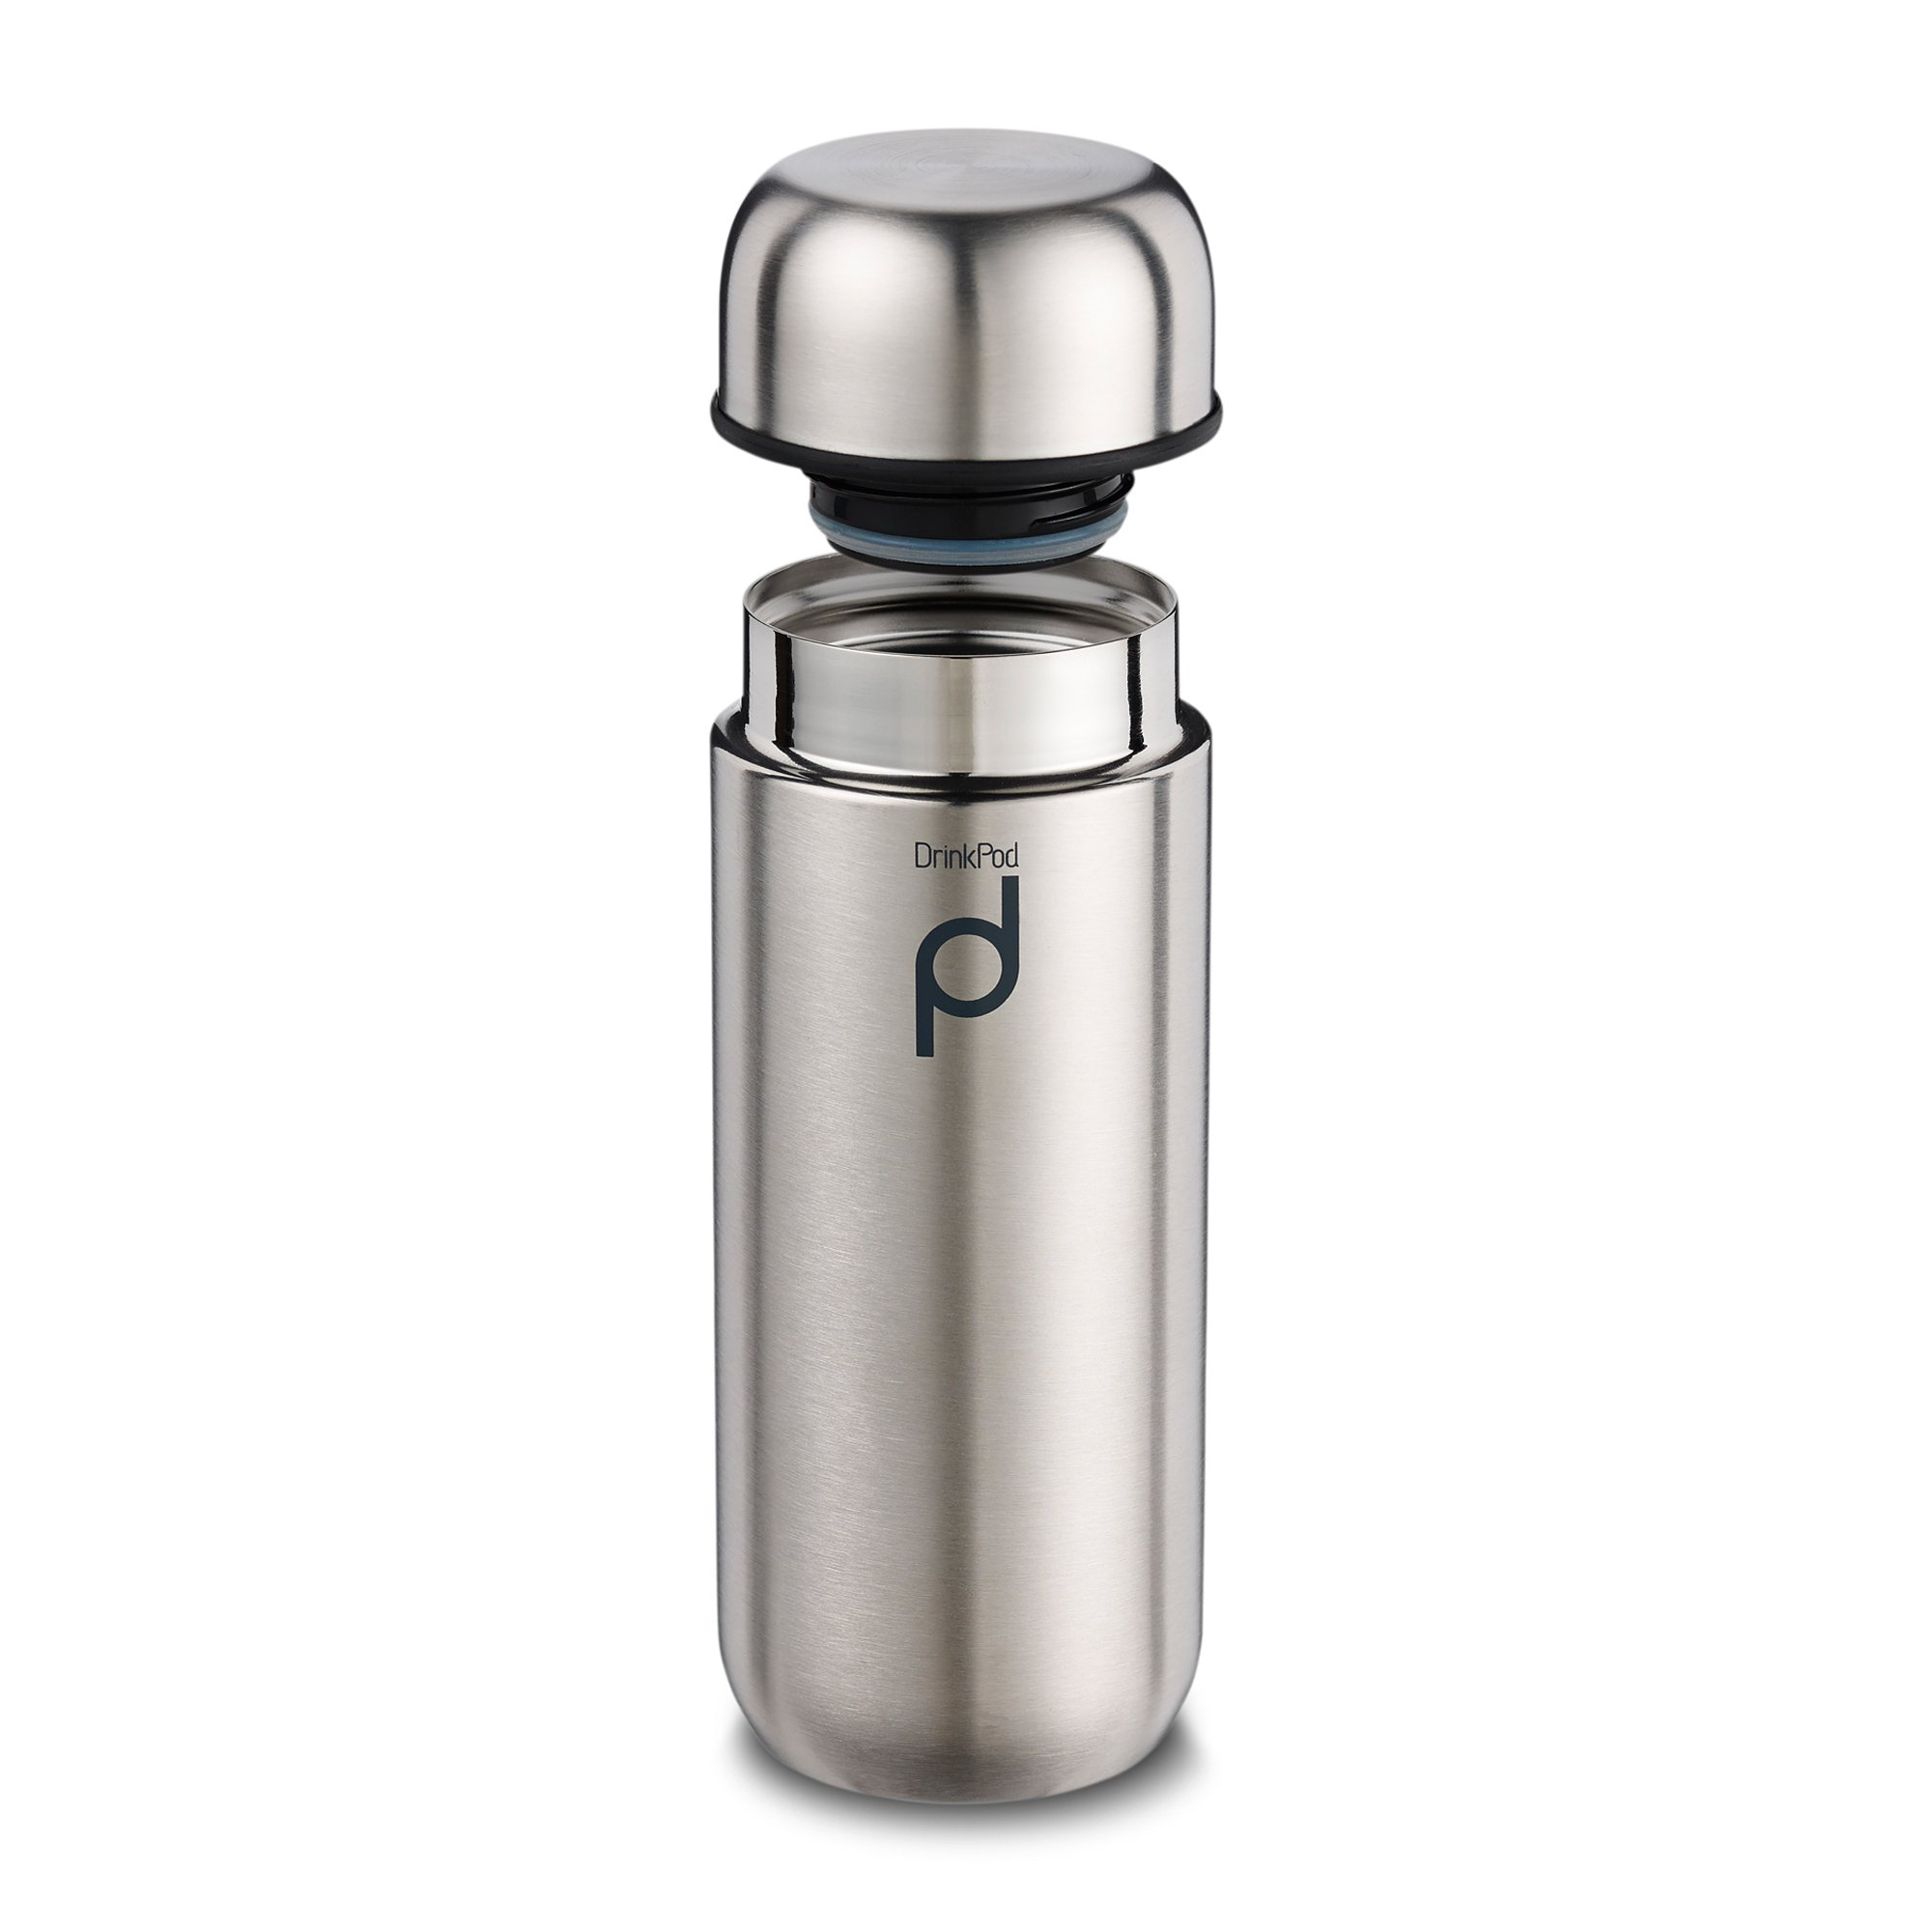 Grunwerg-Pioneer-Vacuum-Insulated-Leak-Proof-Drinkpod-Capsule-Flask-8-Hours-Hot-24-Hours-Cold